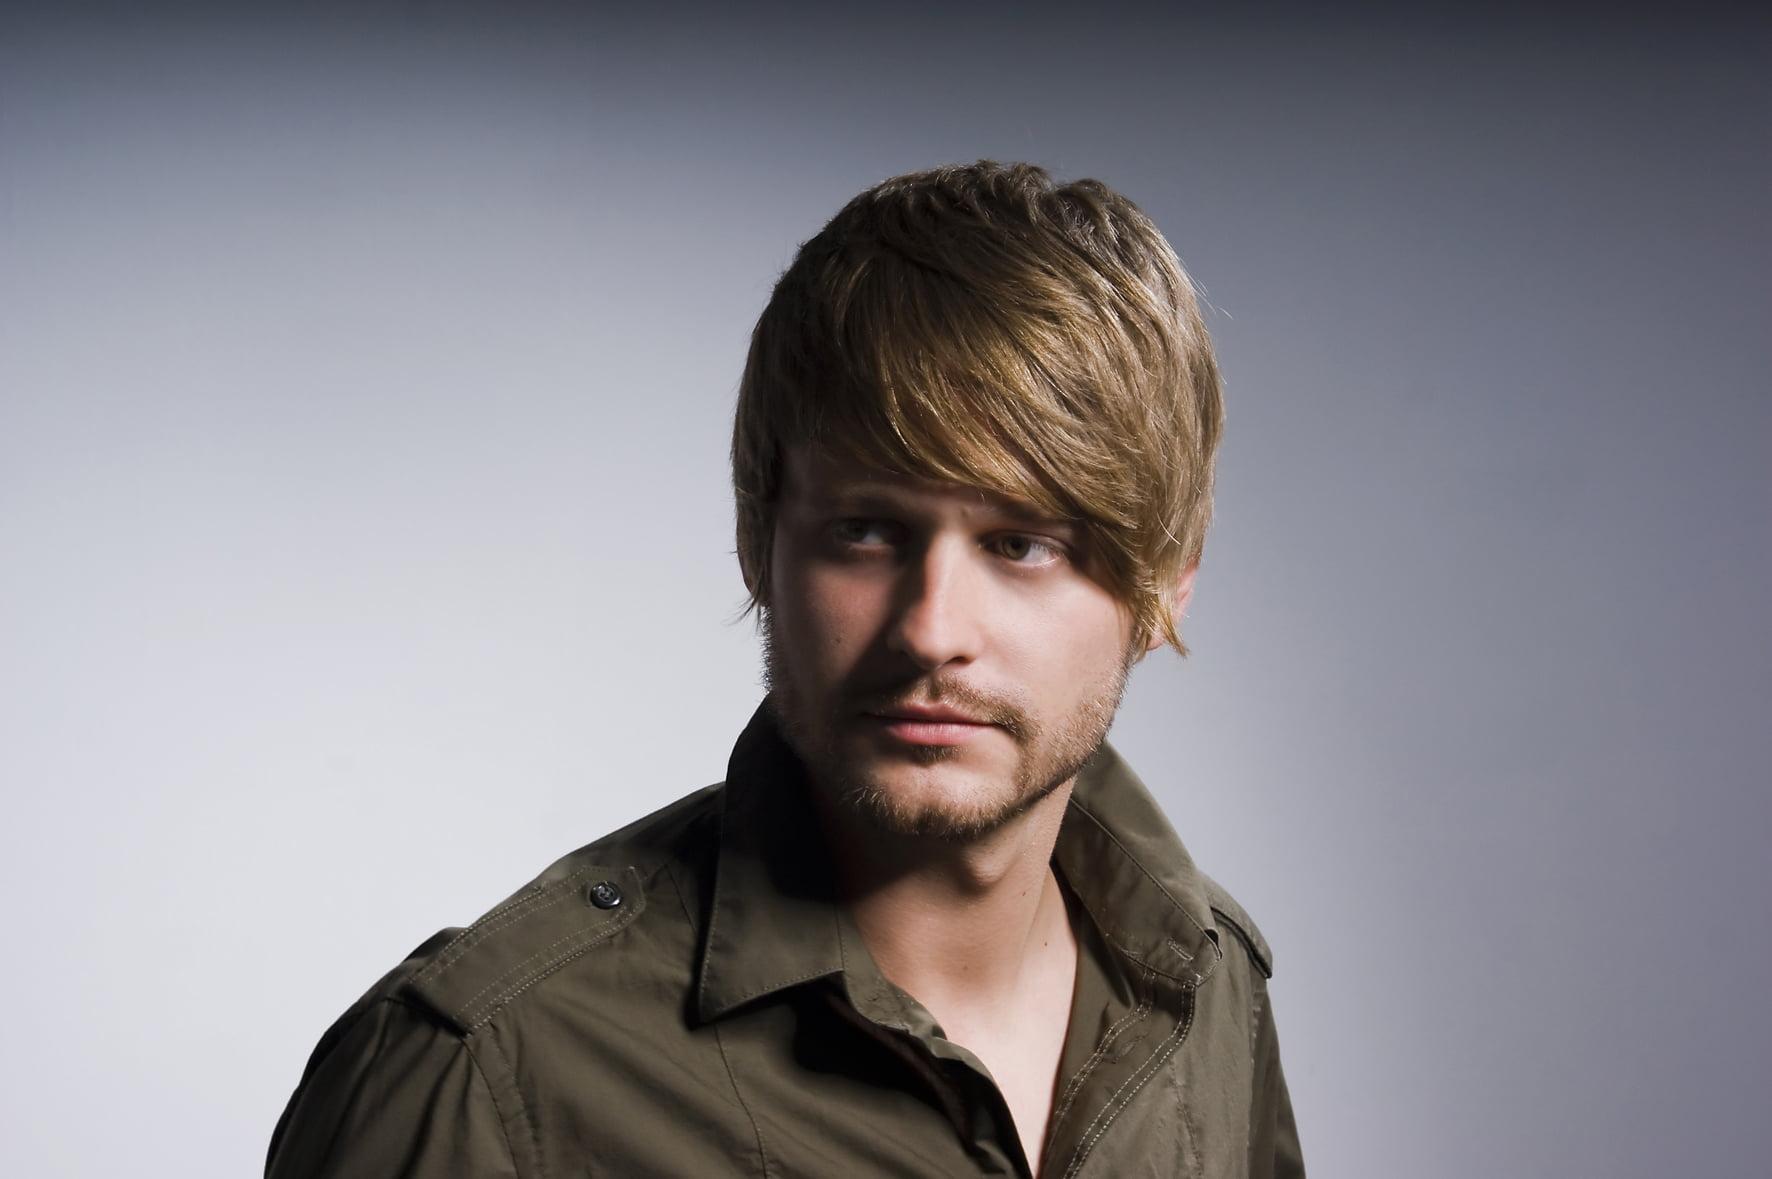 Mp3: Mathias Kaden b2b Daniel Stefanik – Live @ Love Family Park 2011 (Germany) (03-07-2011)